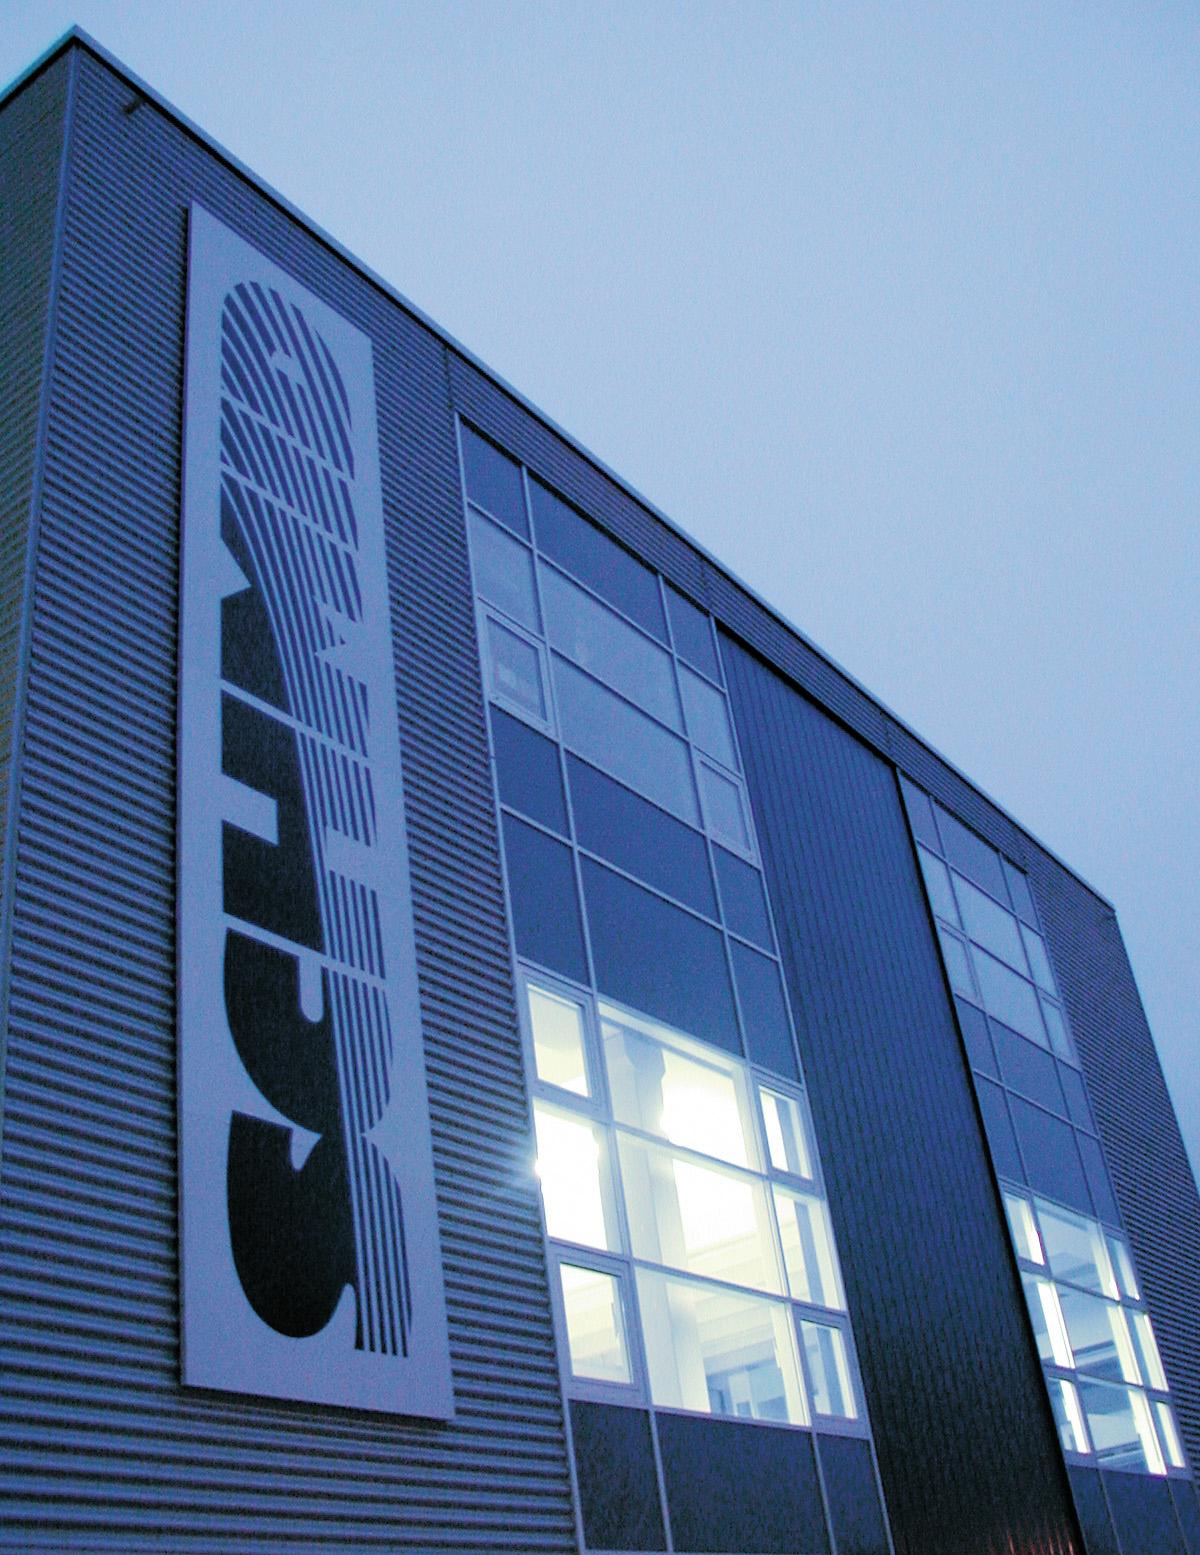 Detail des Produktionsgebäudes - Gebr. Schmid GmbH, Freudenstadt